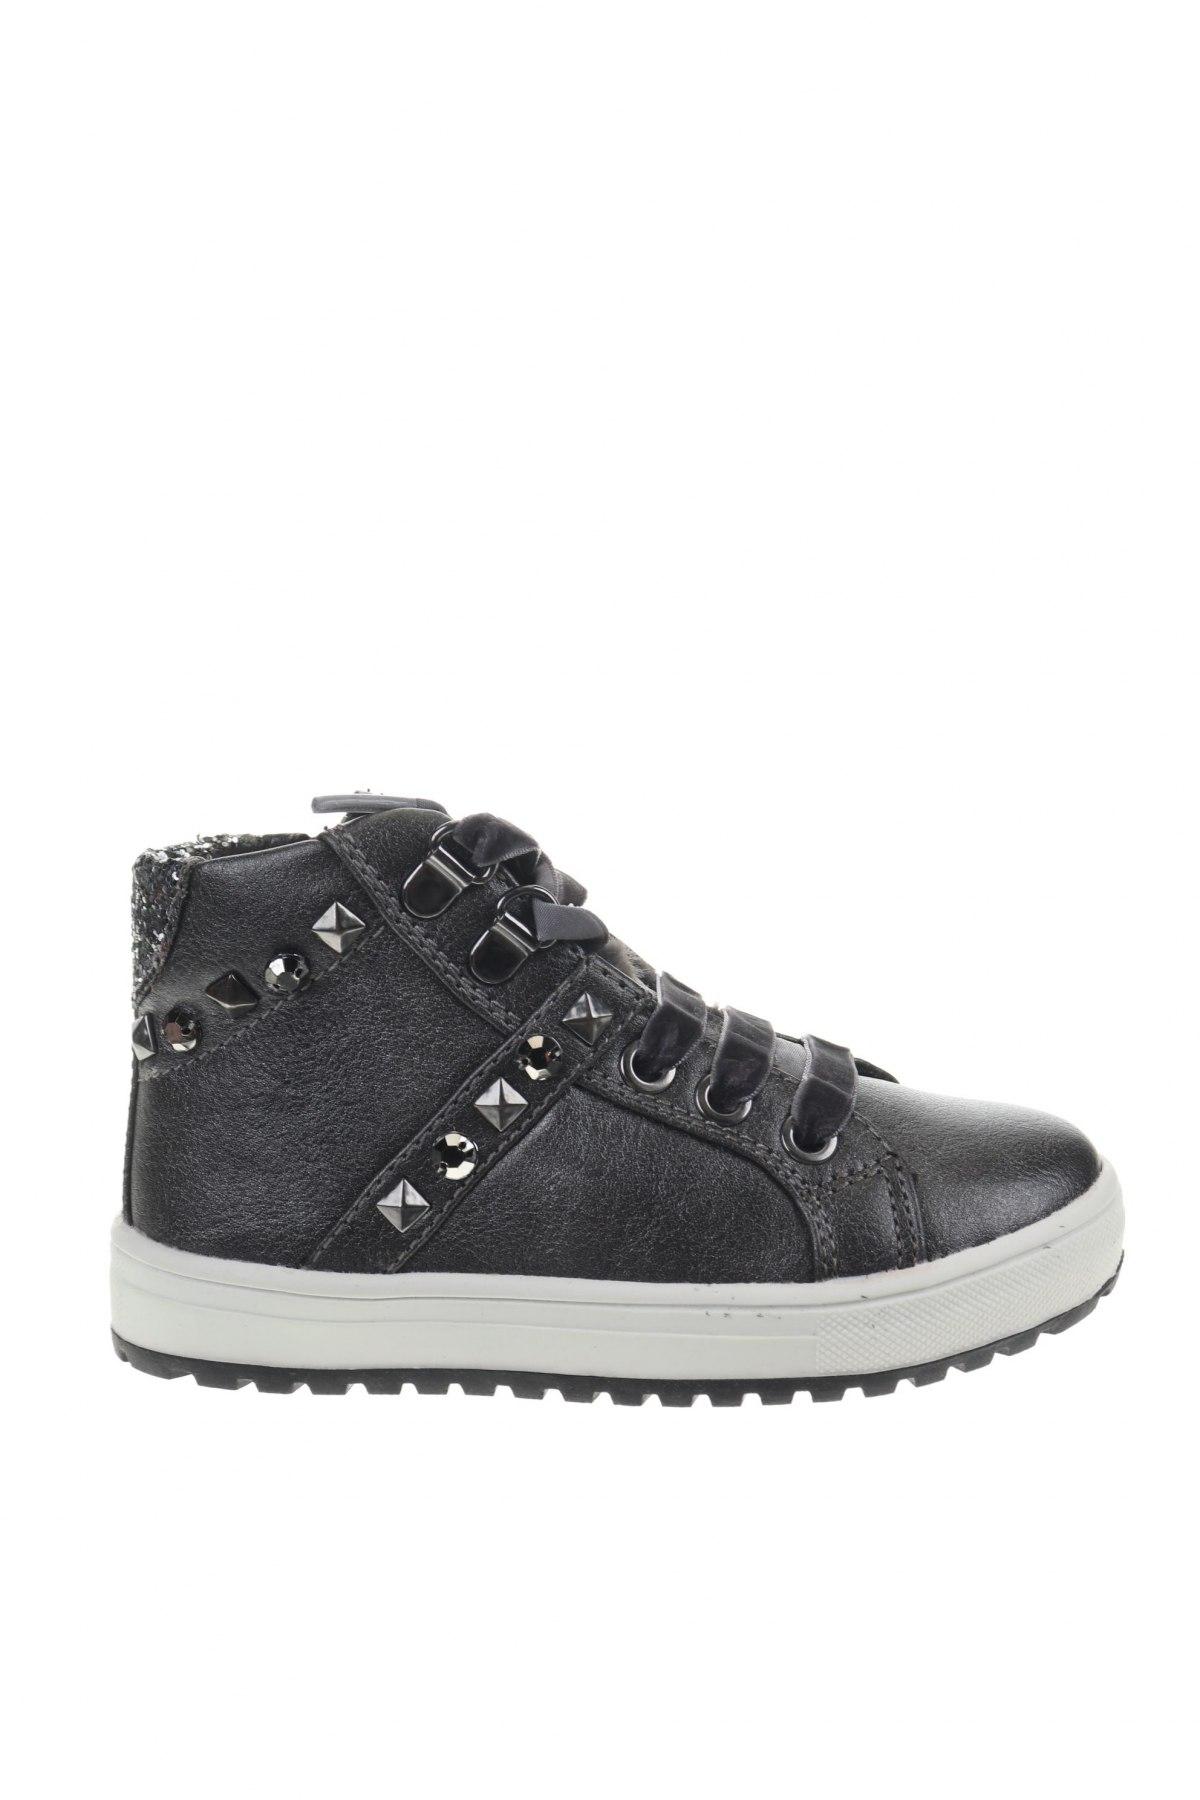 Детски обувки Balducci, Размер 25, Цвят Сив, Еко кожа, естествен косъм, Цена 51,75лв.